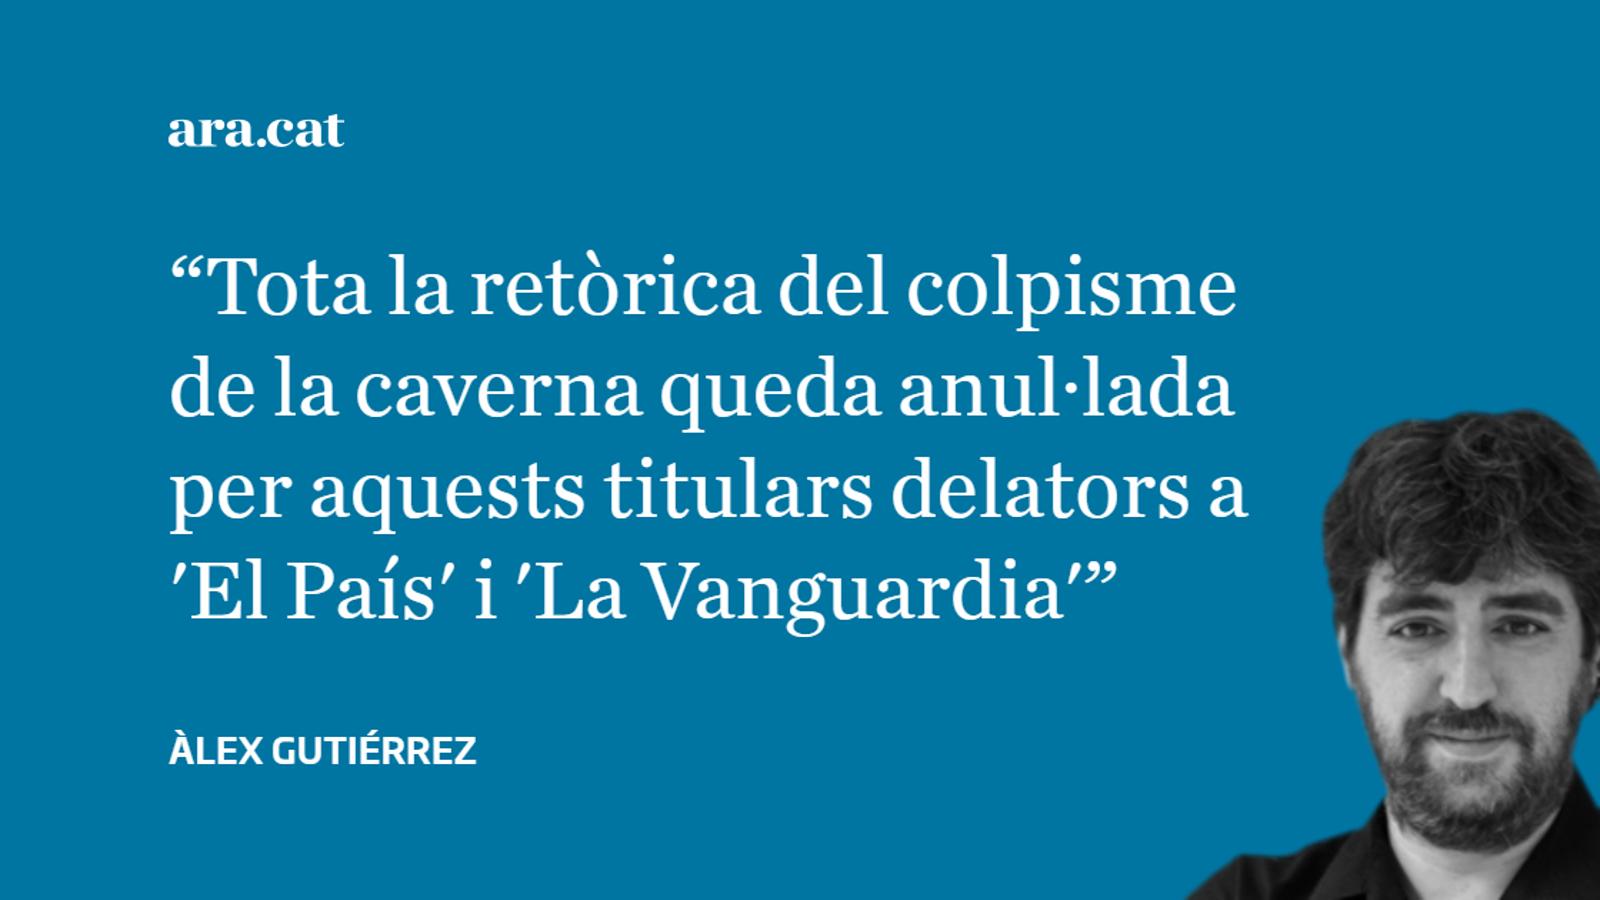 'La Vanguardia' i 'El País' admeten que la repressió és contra Catalunya